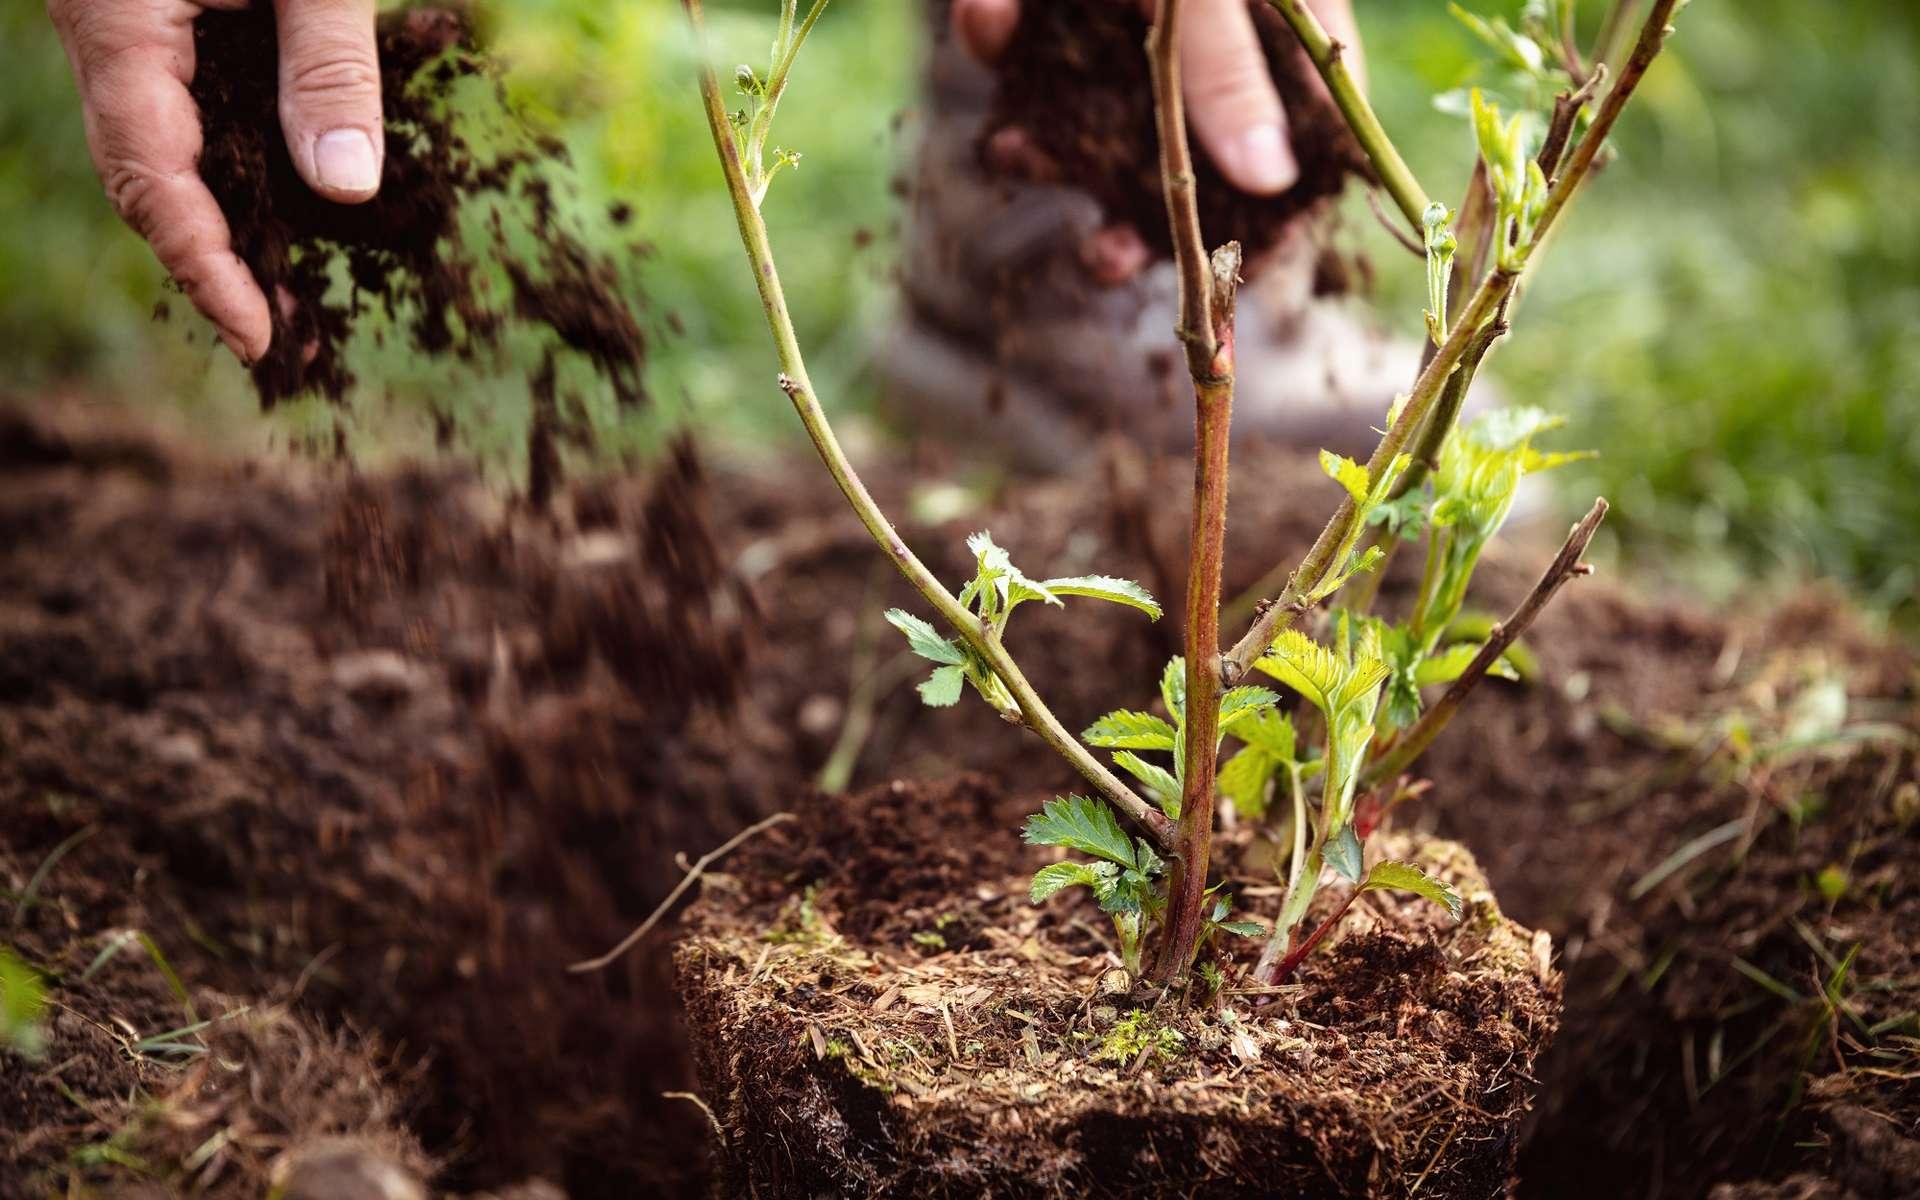 L'horticulture regroupe de nombreuses spécialités comme la floriculture, le maraîchage, l'arboriculture ou encore le paysagisme. © M.Dörr & M.Frommherz, Adobe Stock.